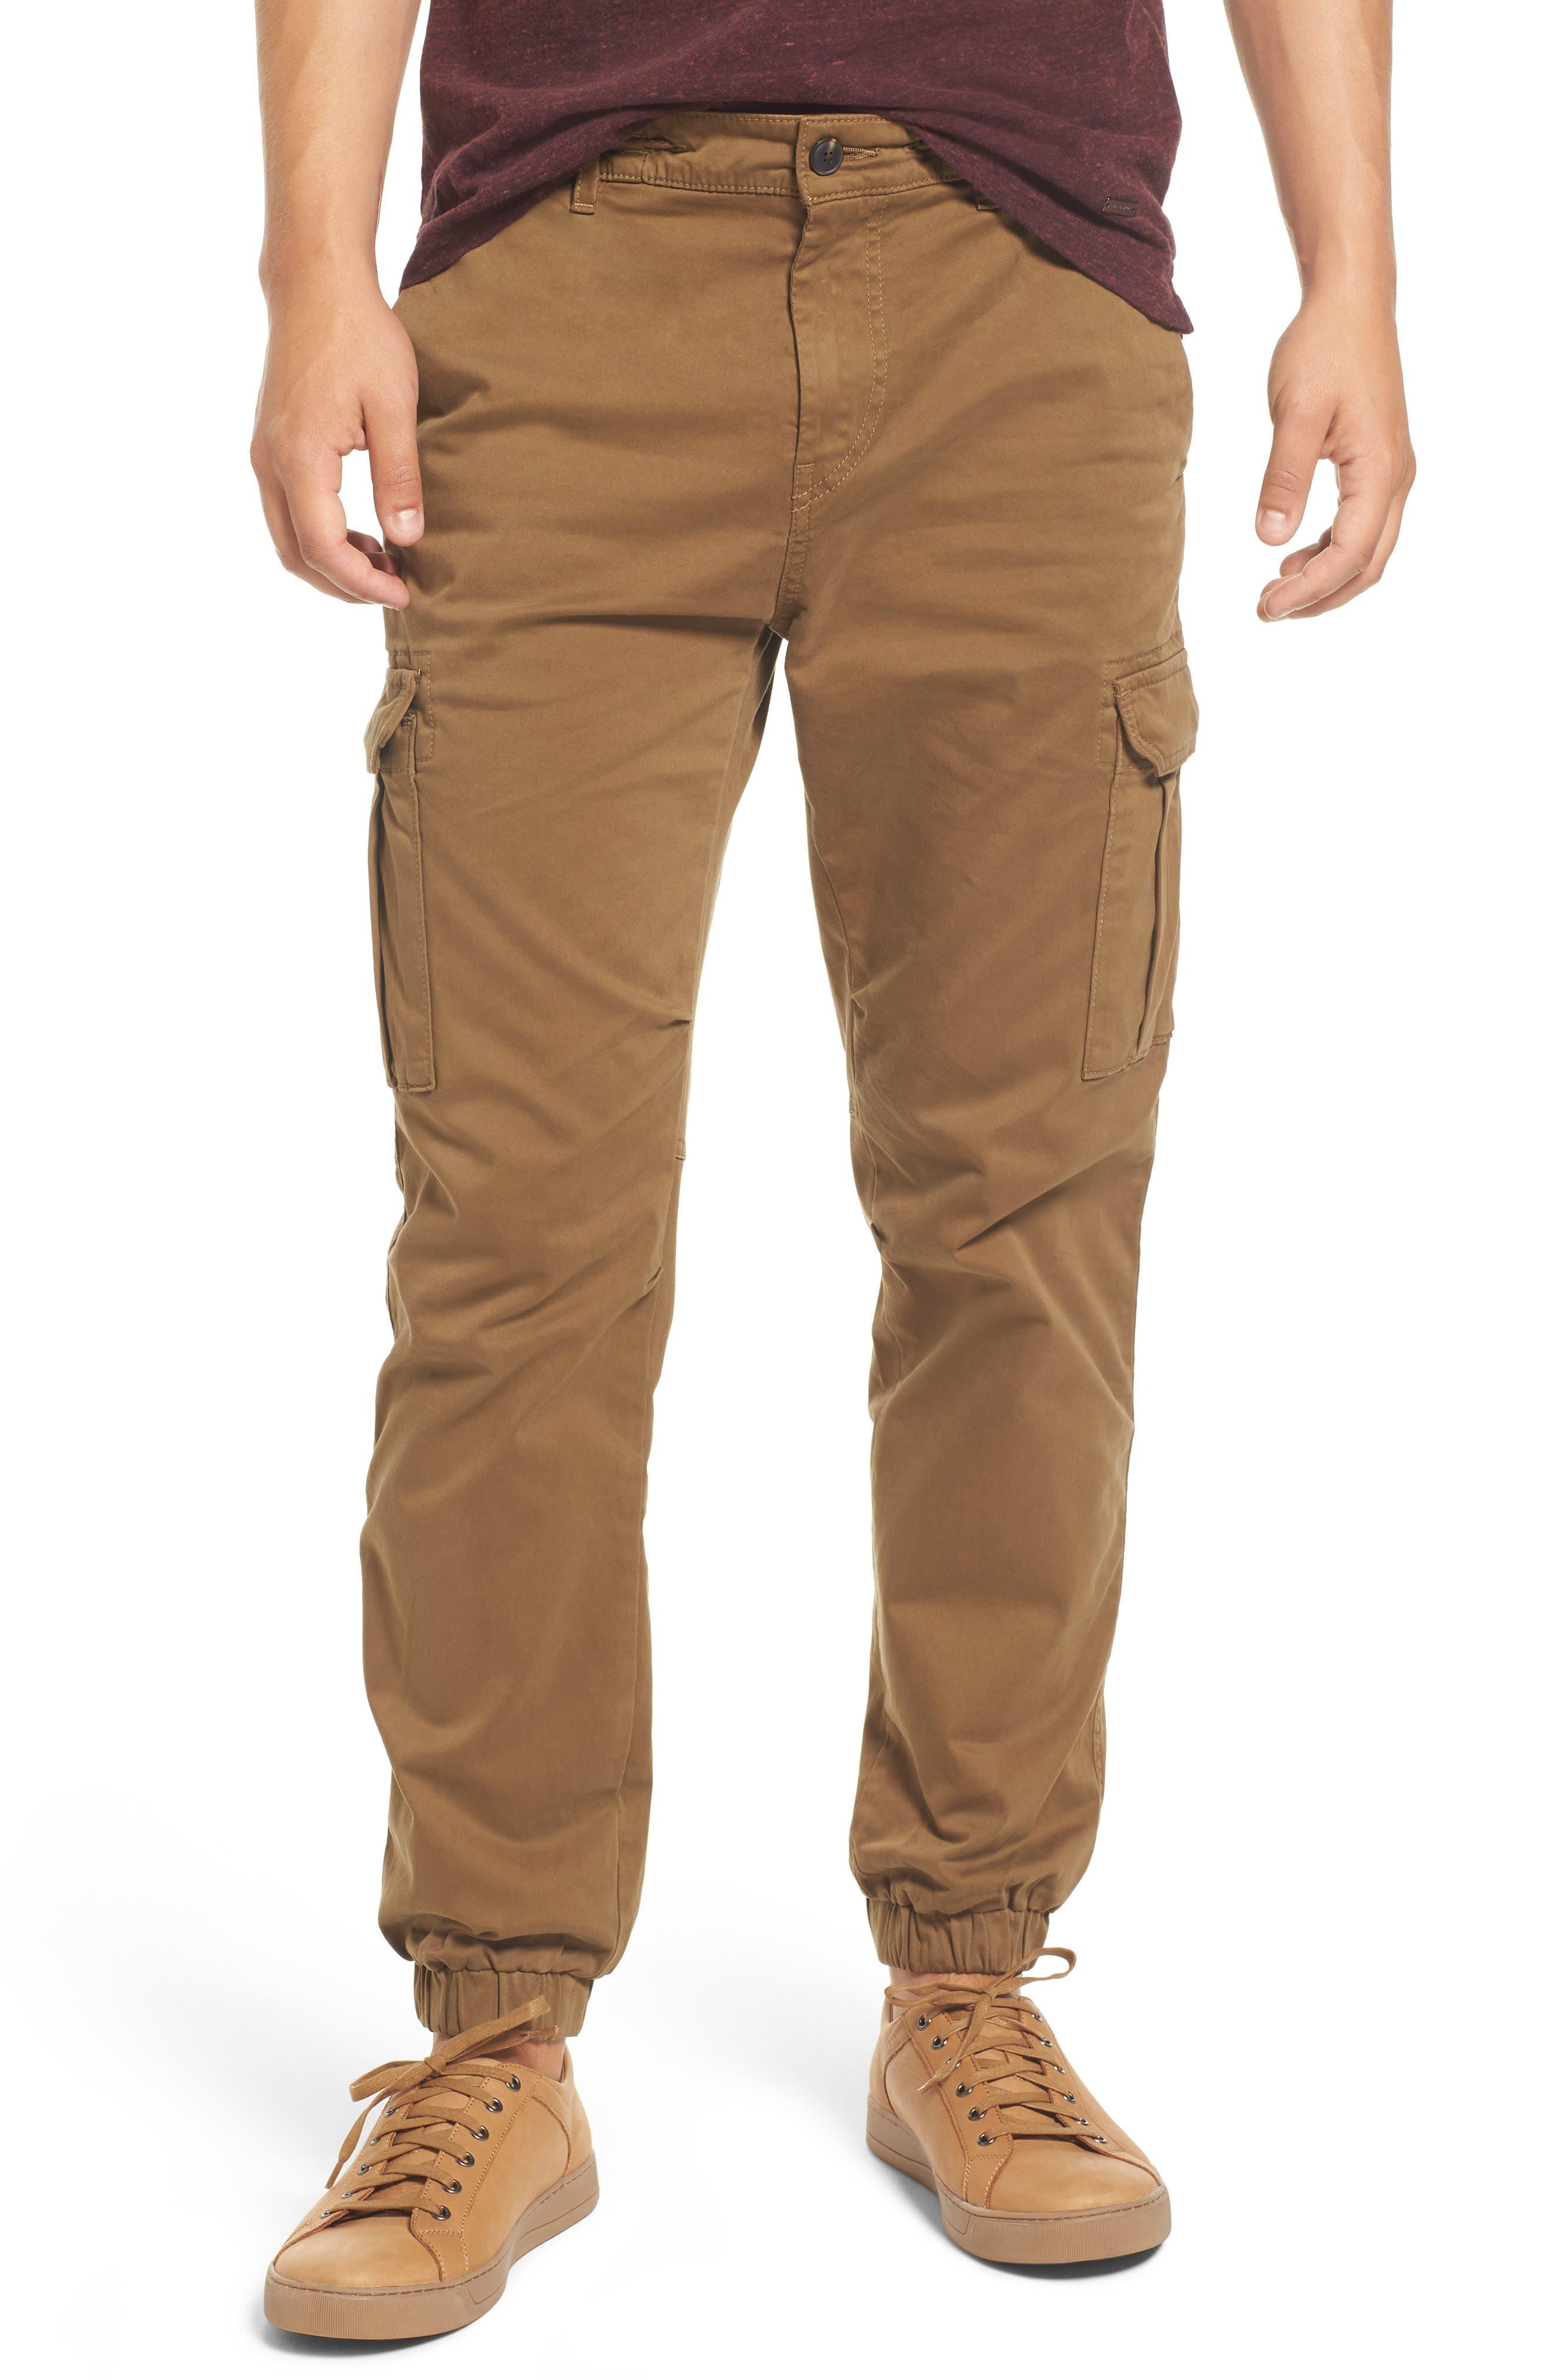 Shay 2 Cargo Pants,                             Main thumbnail 1, color,